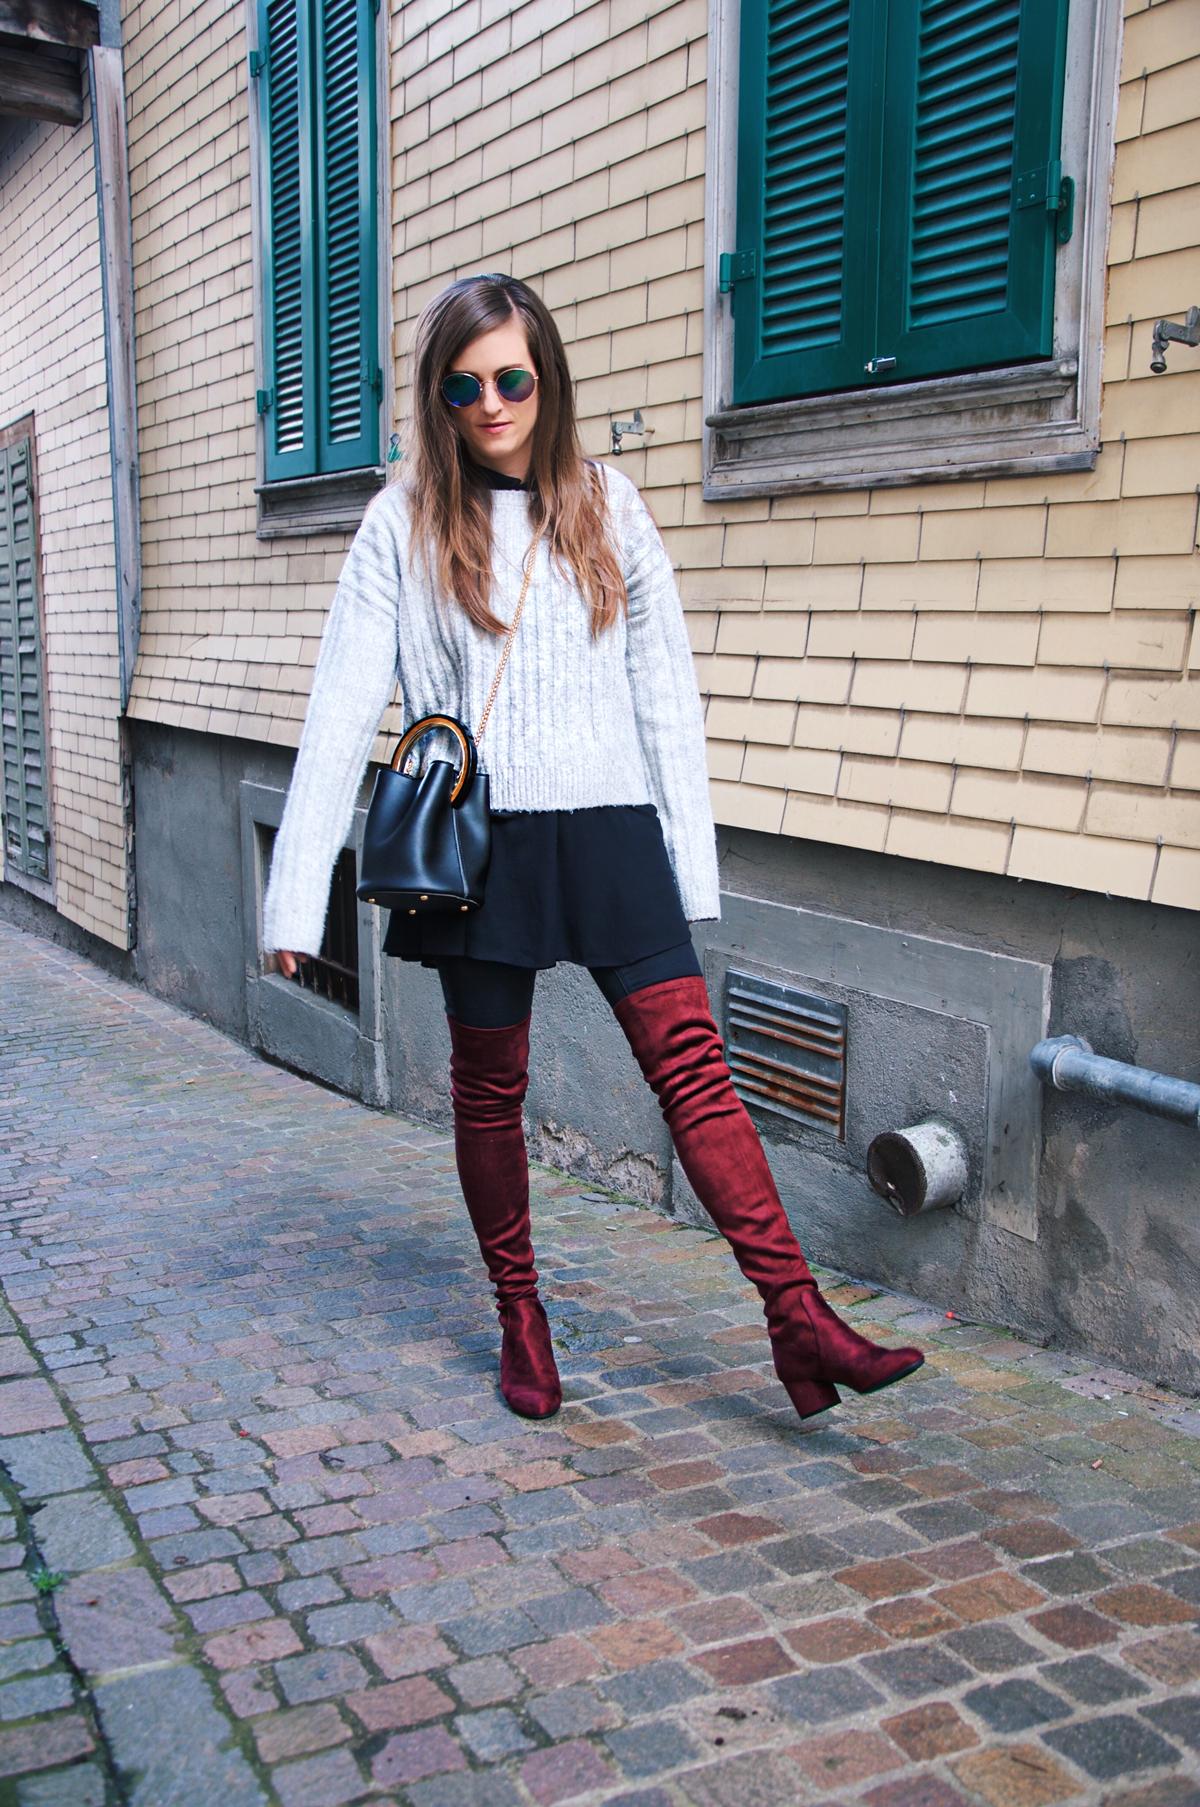 Andrea Steiner Modebloggerin von Strawberries 'n' Champagne trägt rote Overknees von Steve Madden, dazu schwarze Hosen von Topshop und ein Pullover von H&M. Die Tasche ist aus einer Boutique aus Hong Kong.